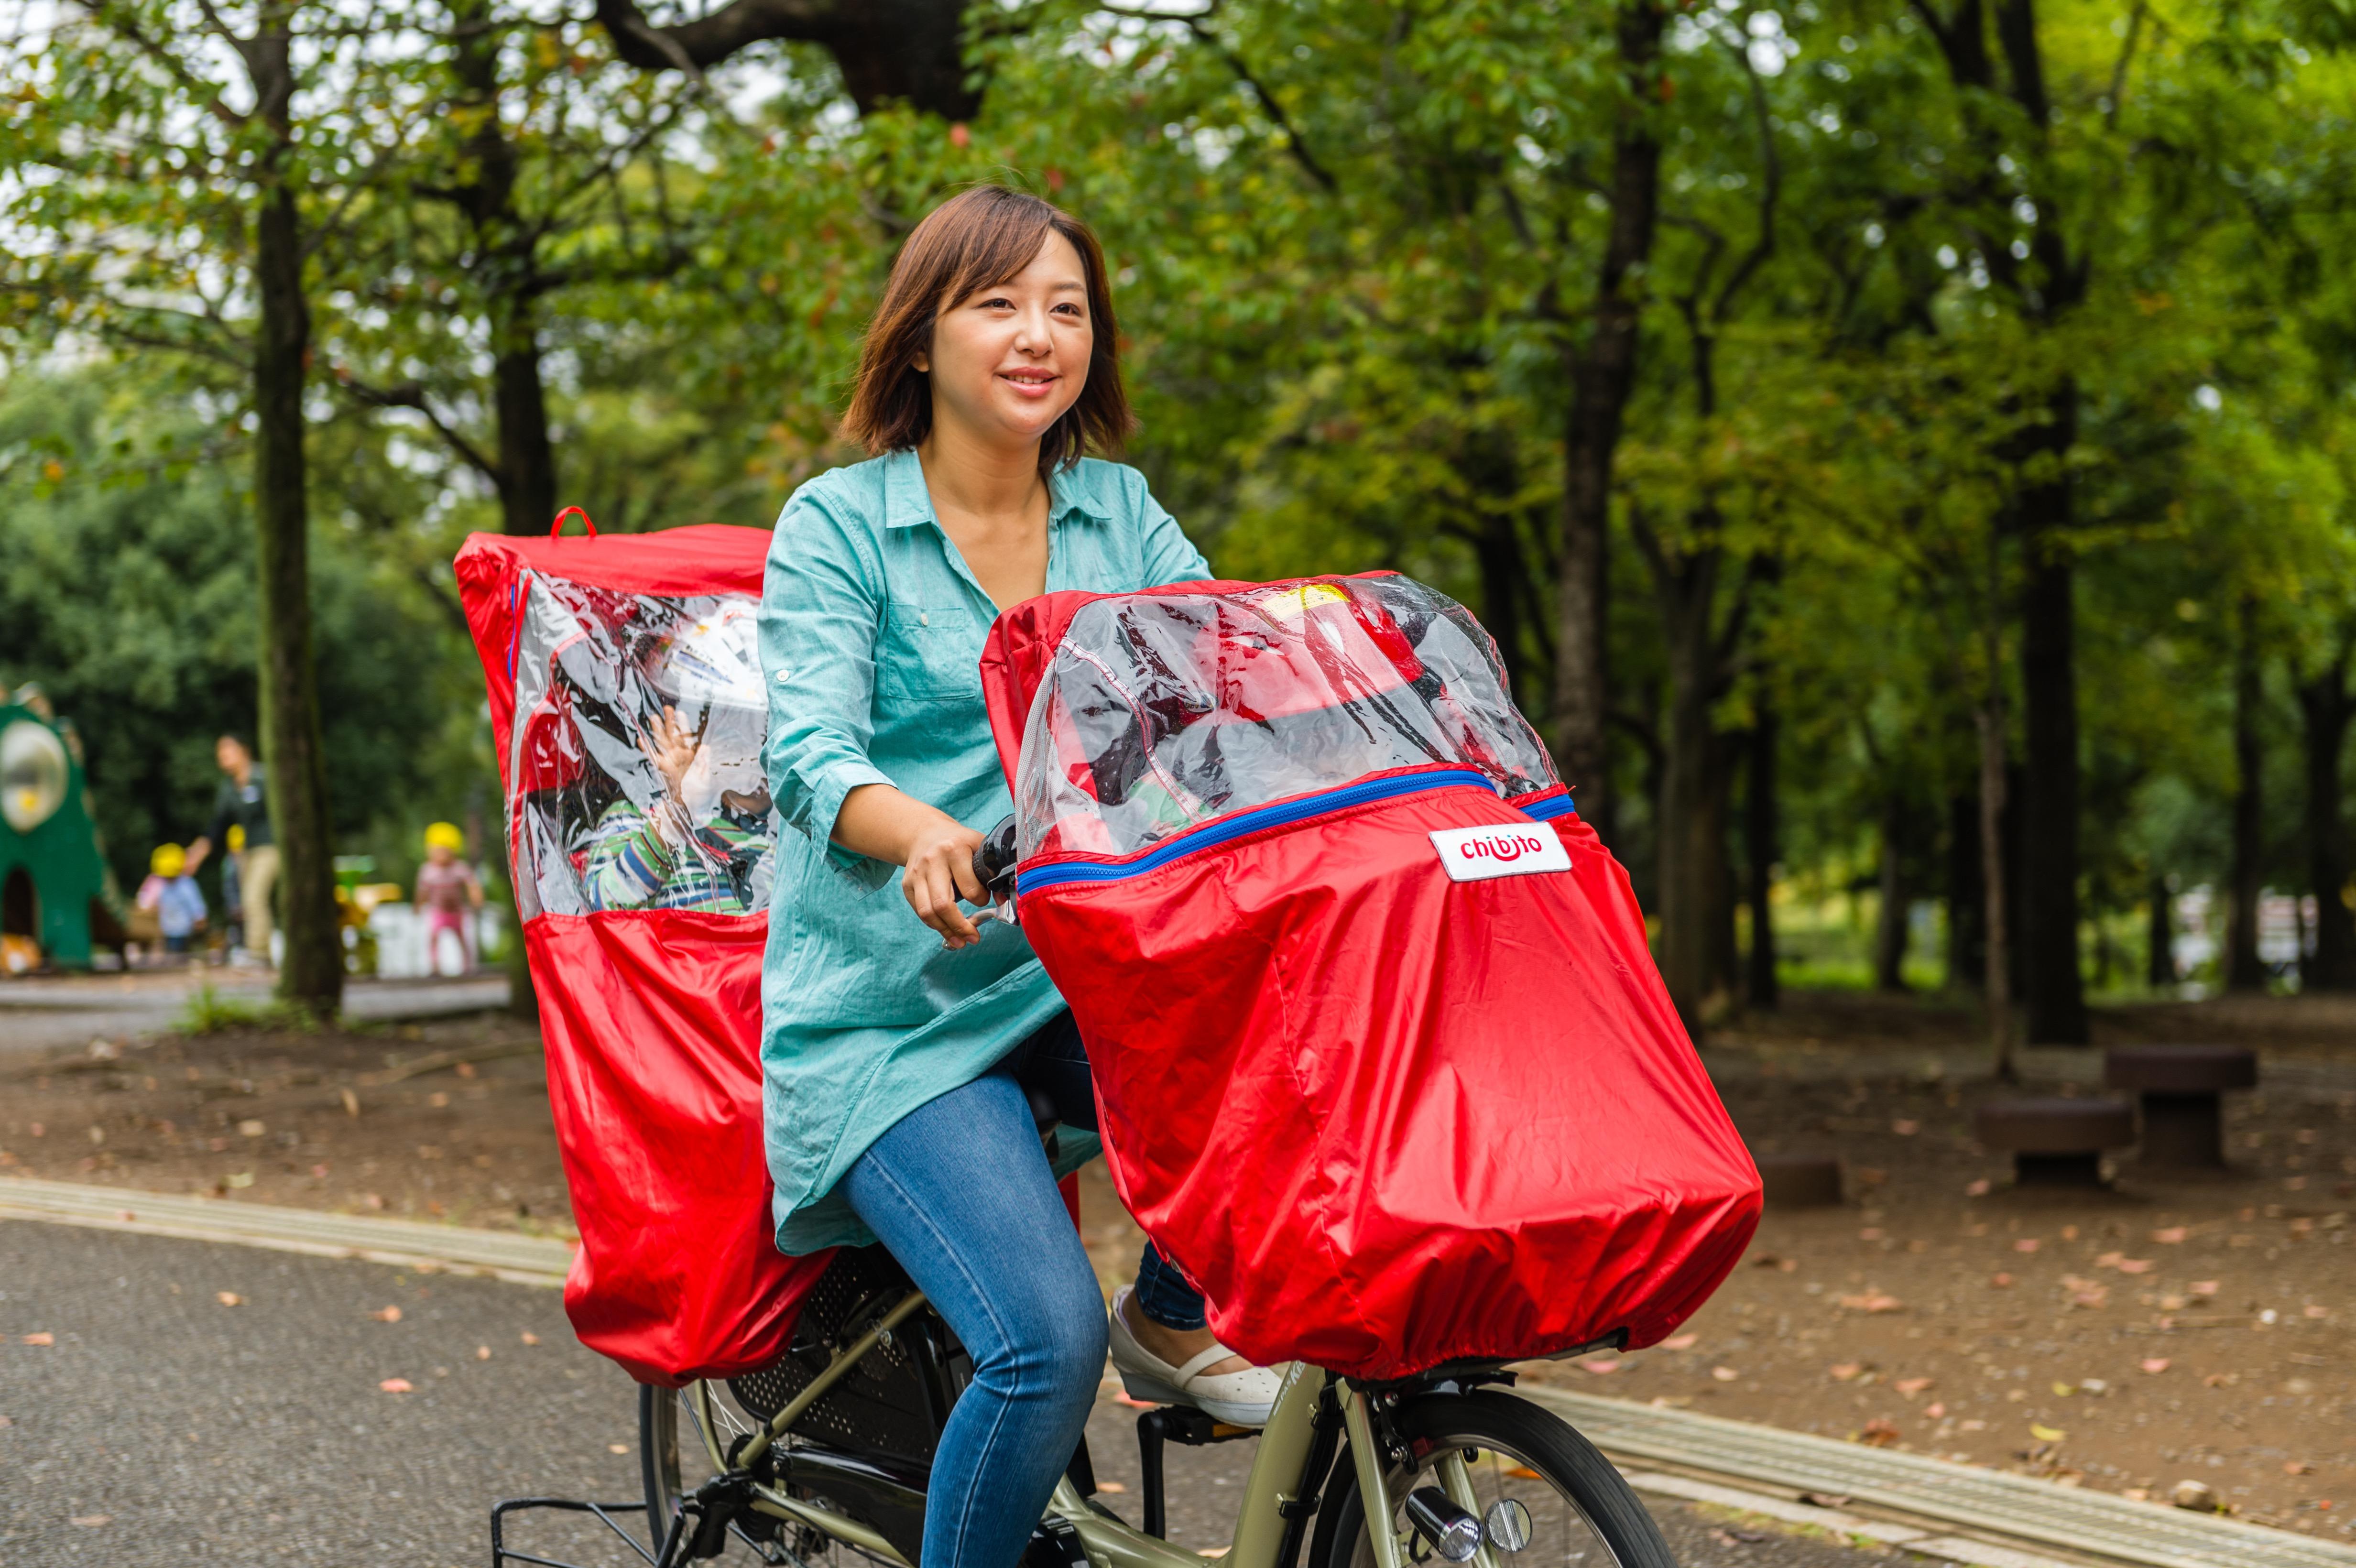 自転車にレインカバーをつけて乗車